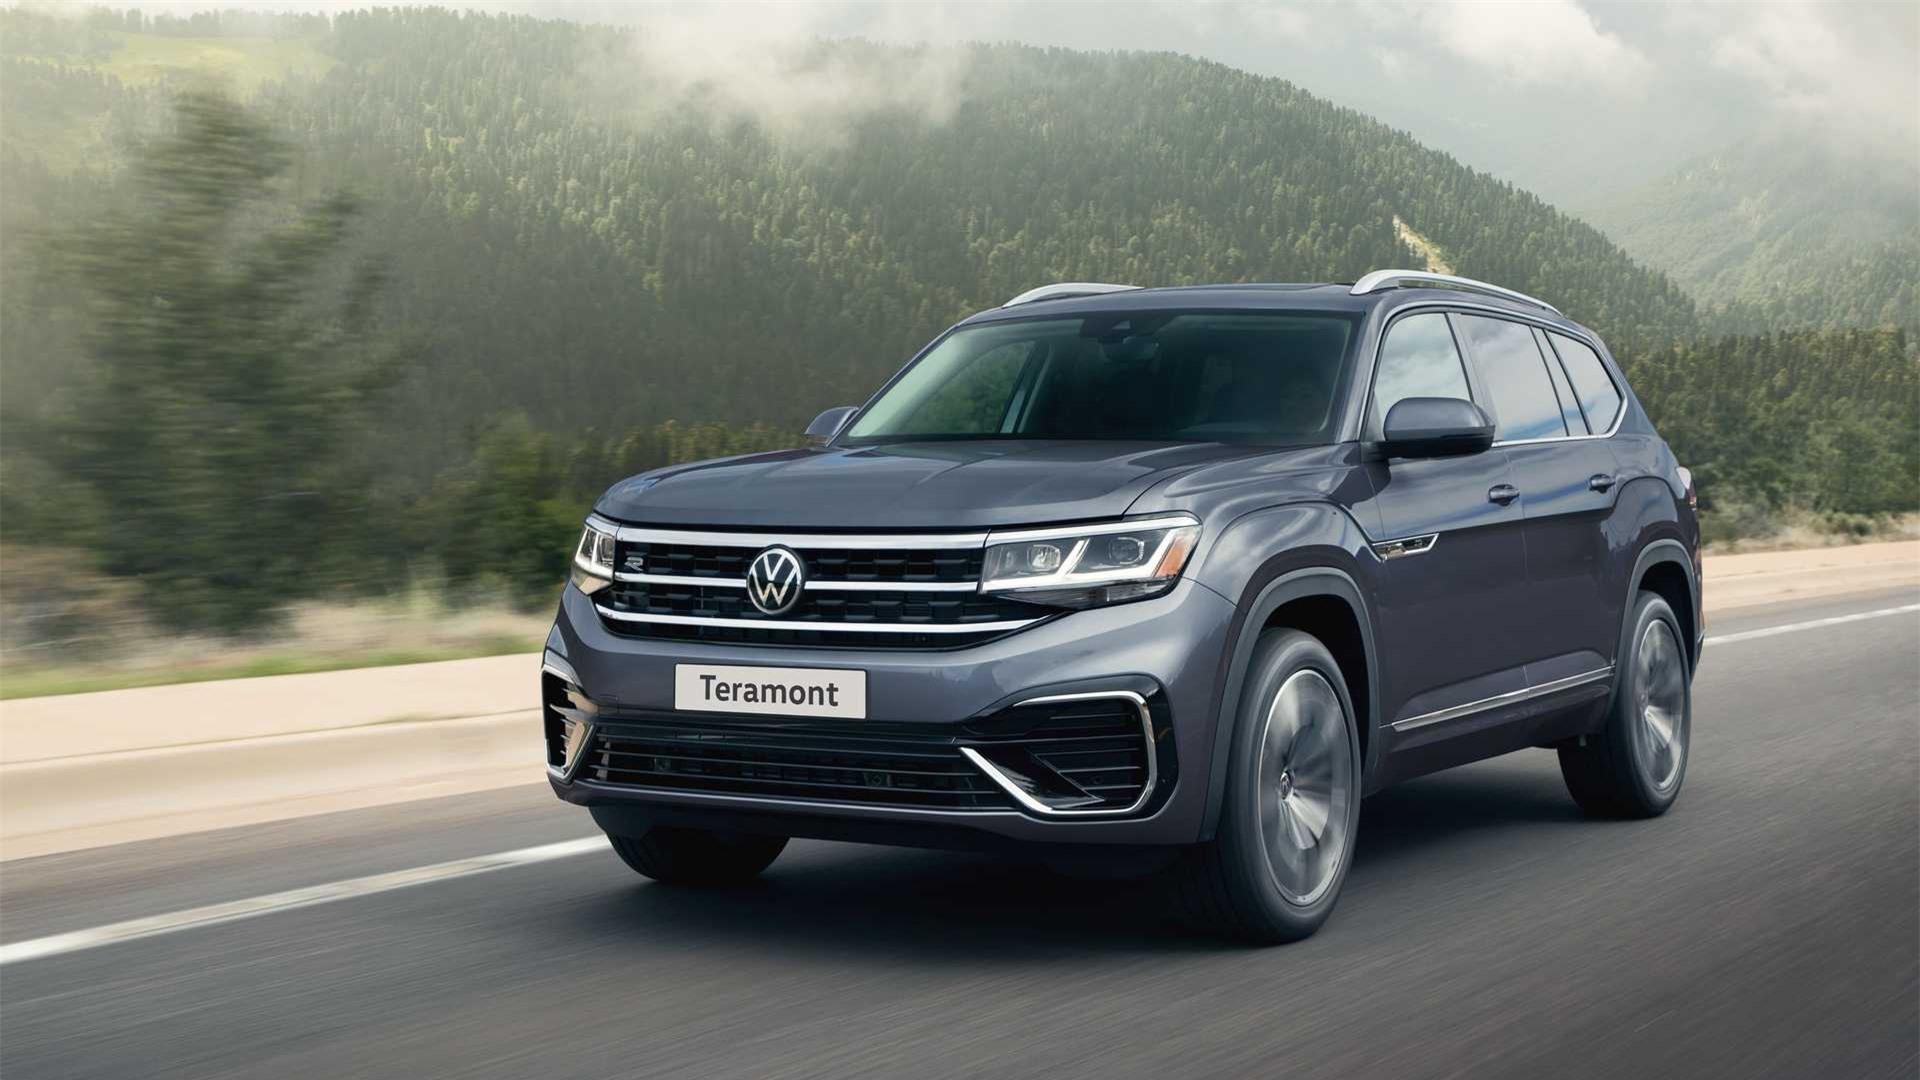 Volkswagen sap gioi thieu 2 mau xe gam cao moi tai VN anh 1